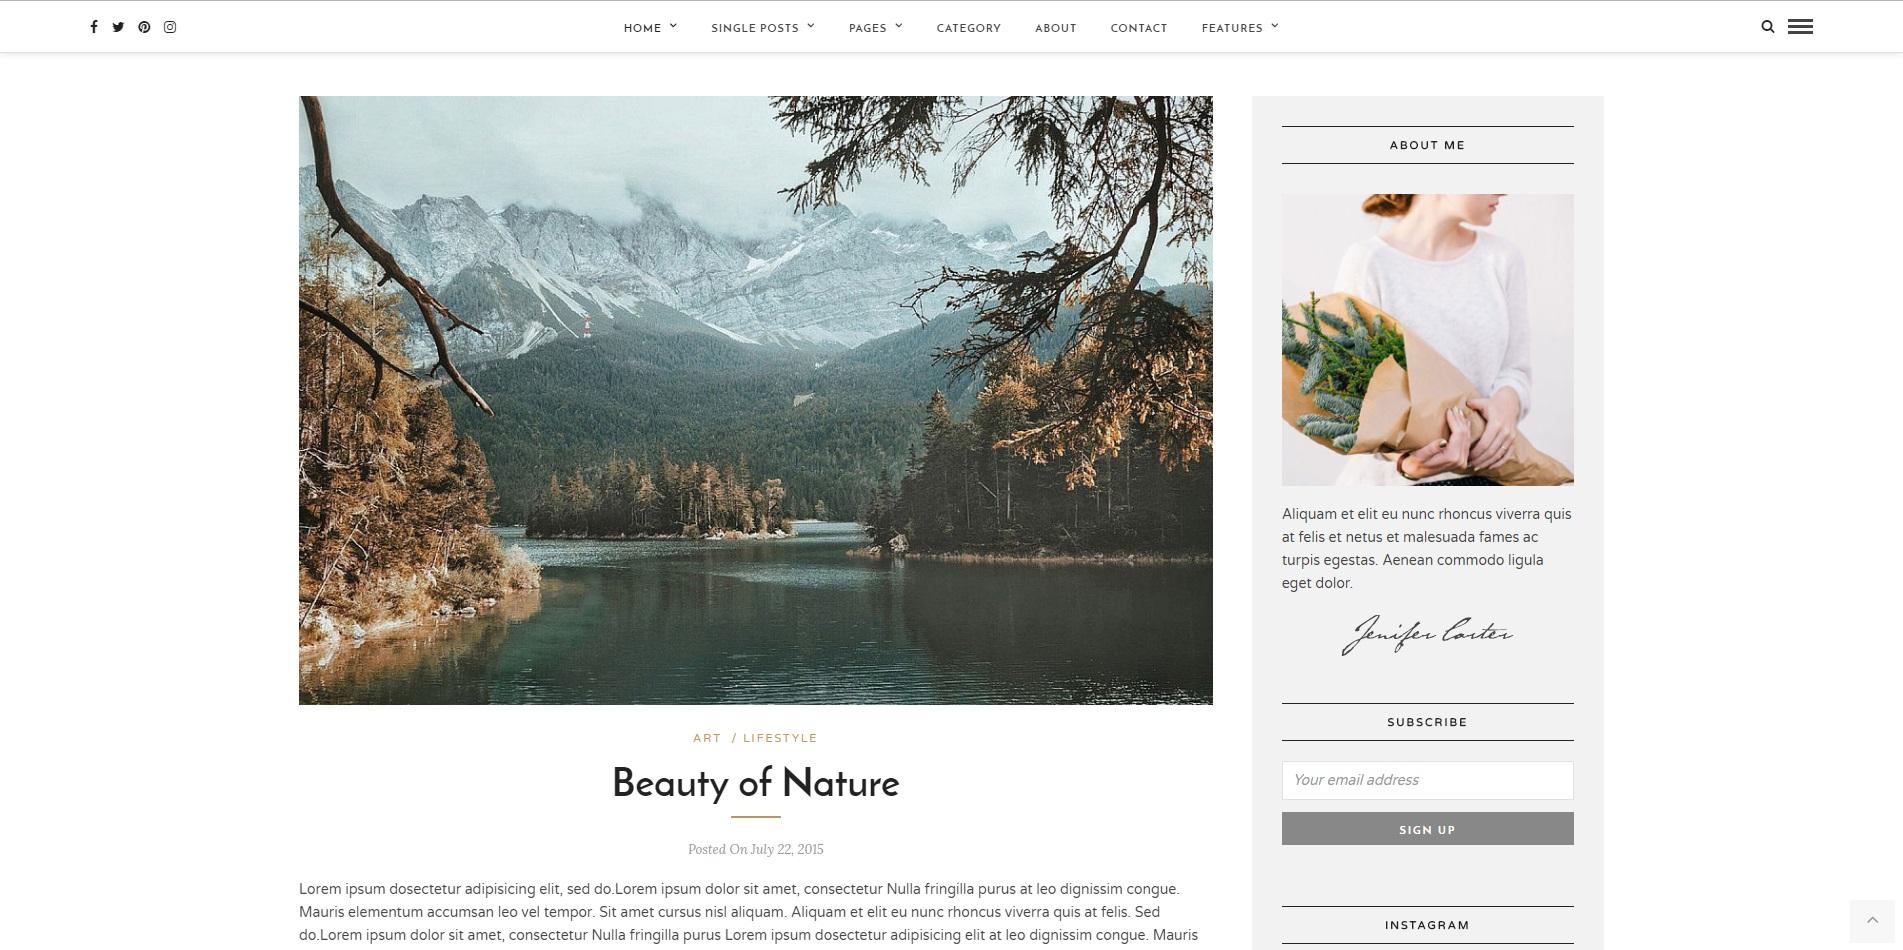 trendy web design 2018 - przykład bloga 2